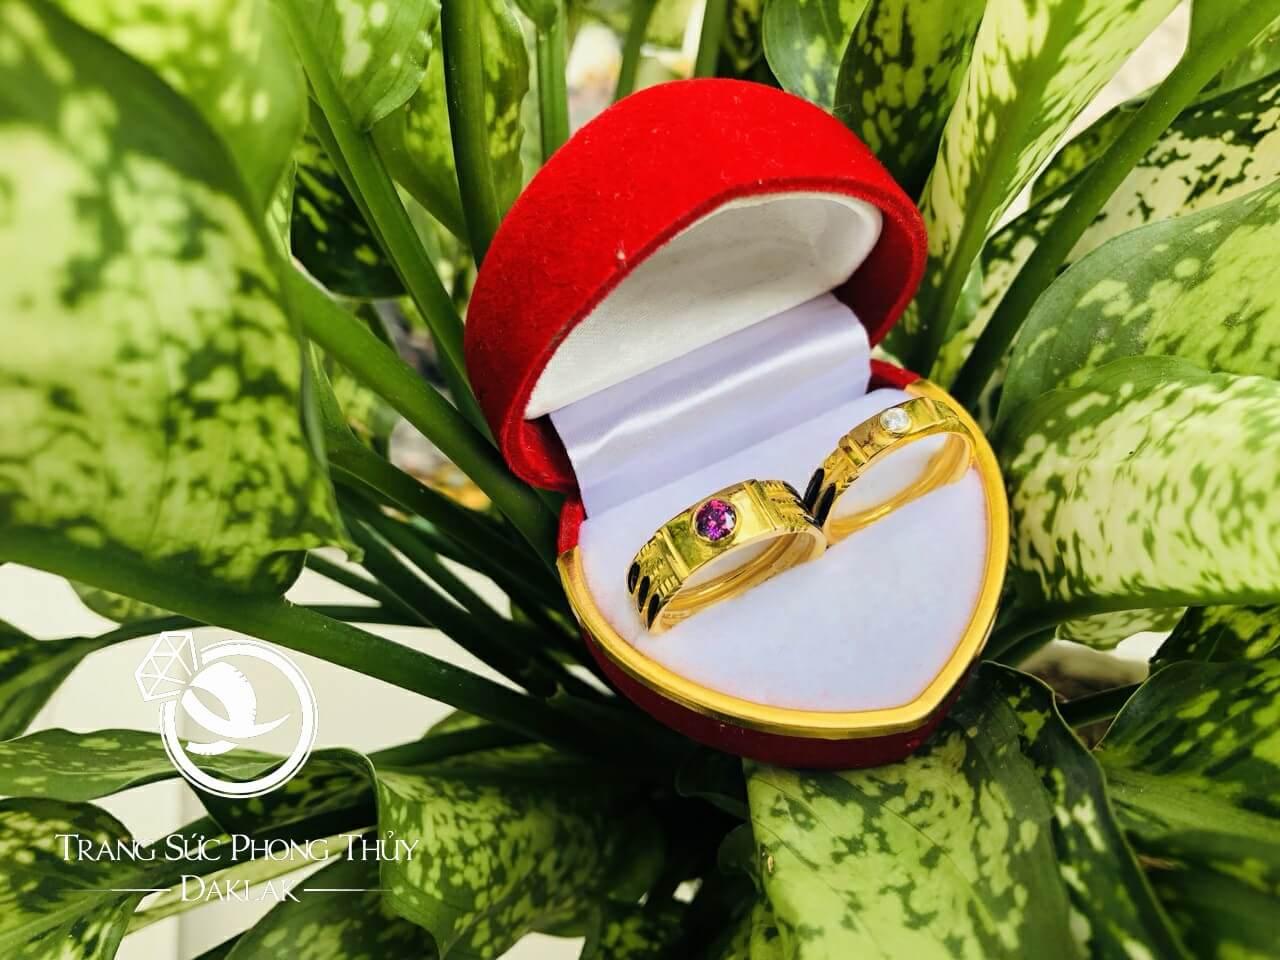 Cặp nhẫn đính đá Cz vàng phong thủy hợp mệnh